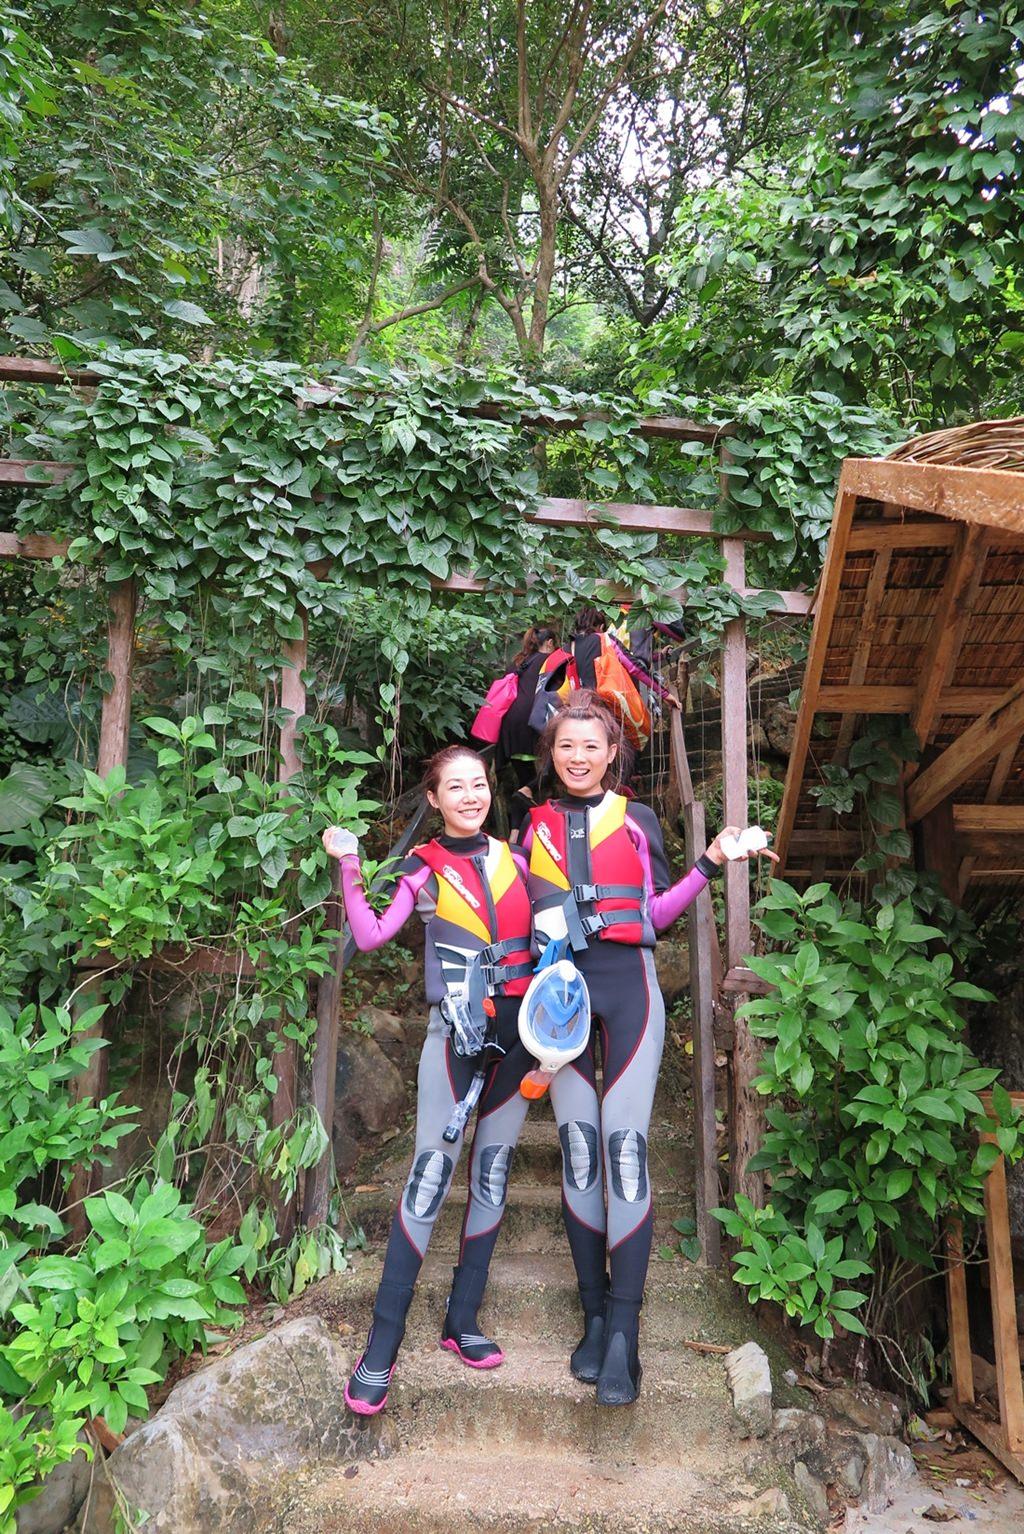 菲律賓,科隆島,凱央根胡,鏡湖,雙峰礁岩,燕子水上平台,七子礁岩,浮潛天堂,深潛,一島一飯店,171